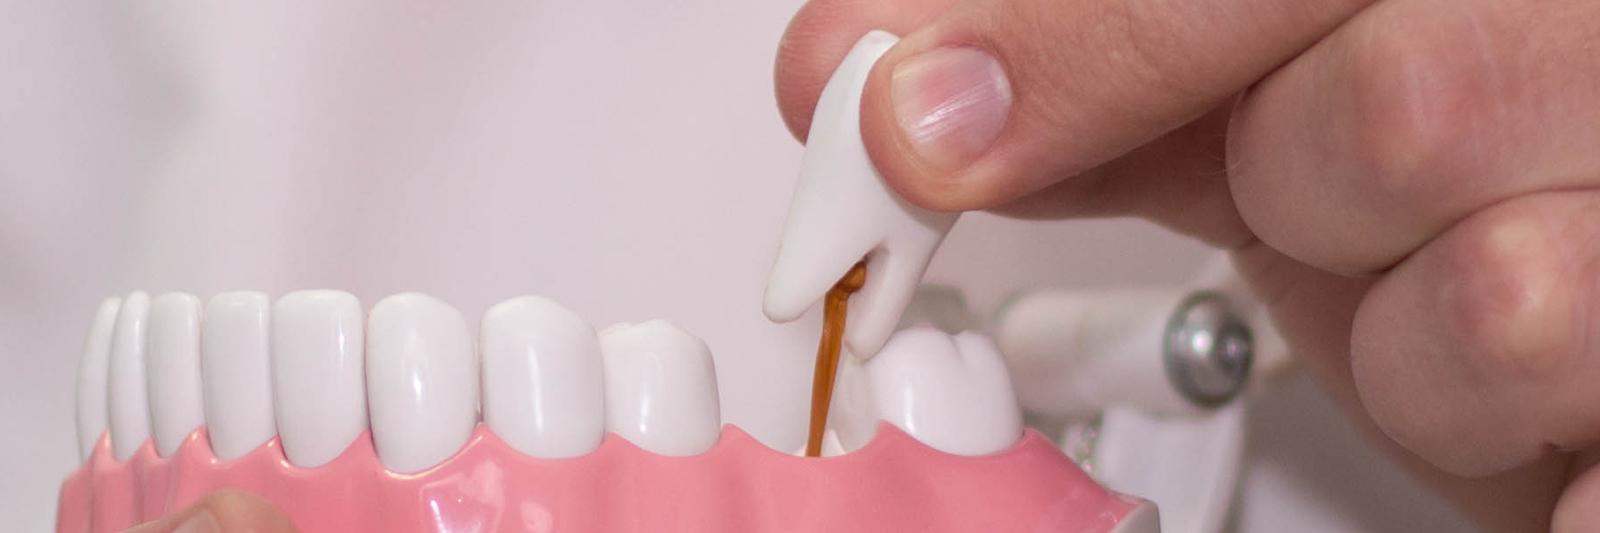 Протезирование имплантация зубы тверь